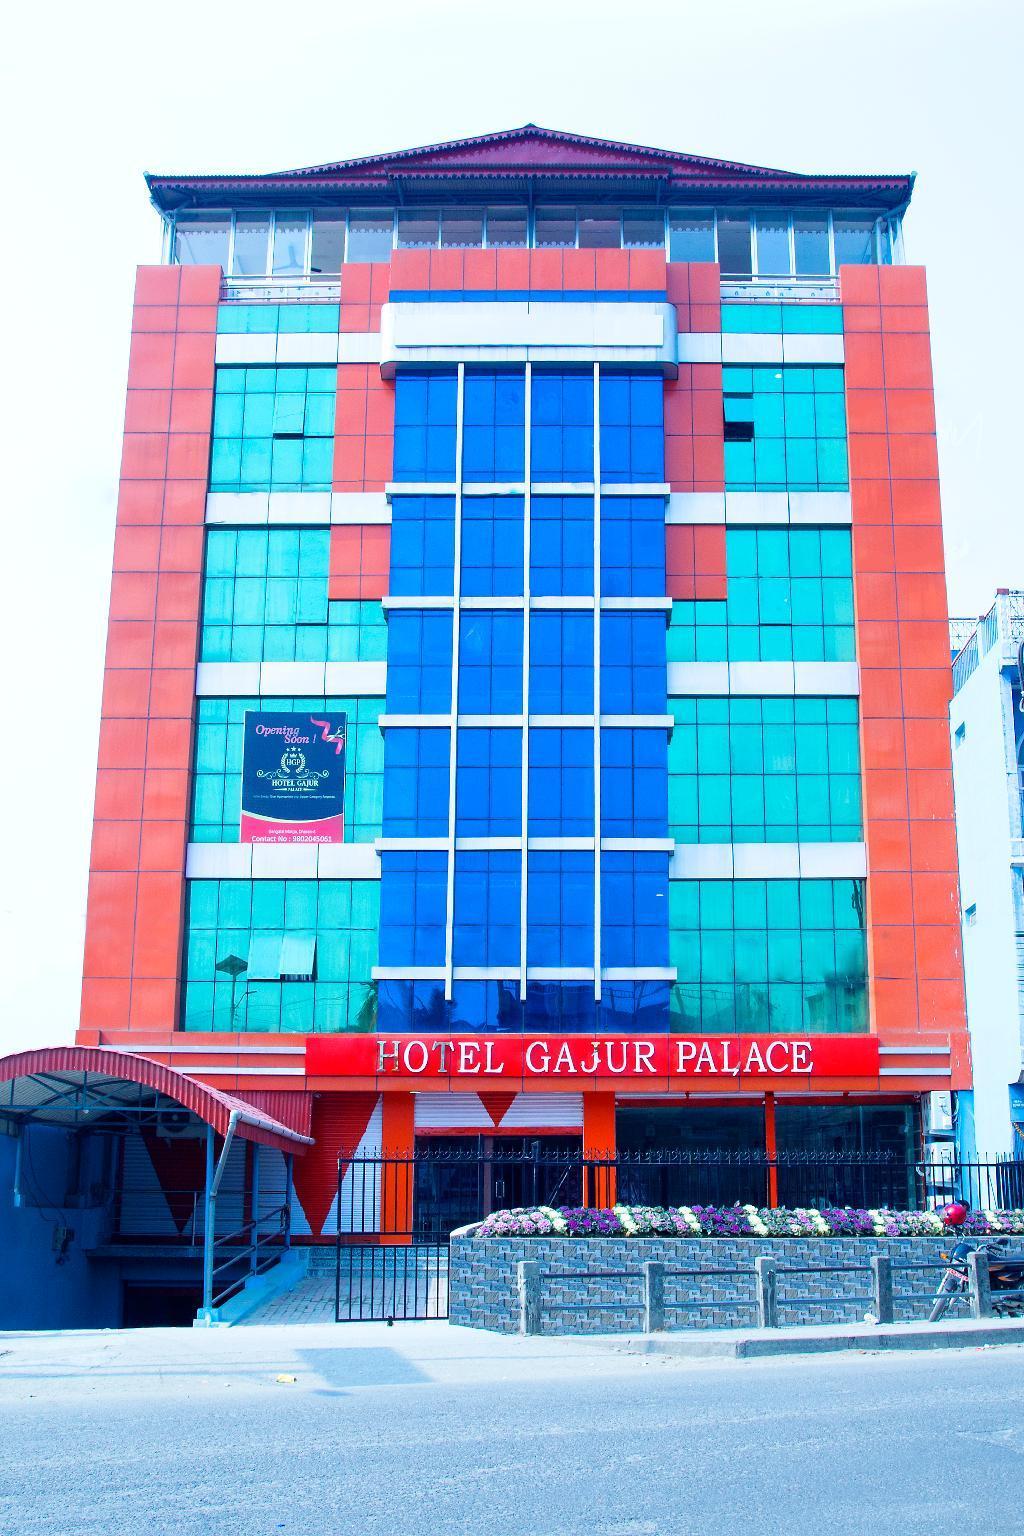 Hotel Gajur Palace